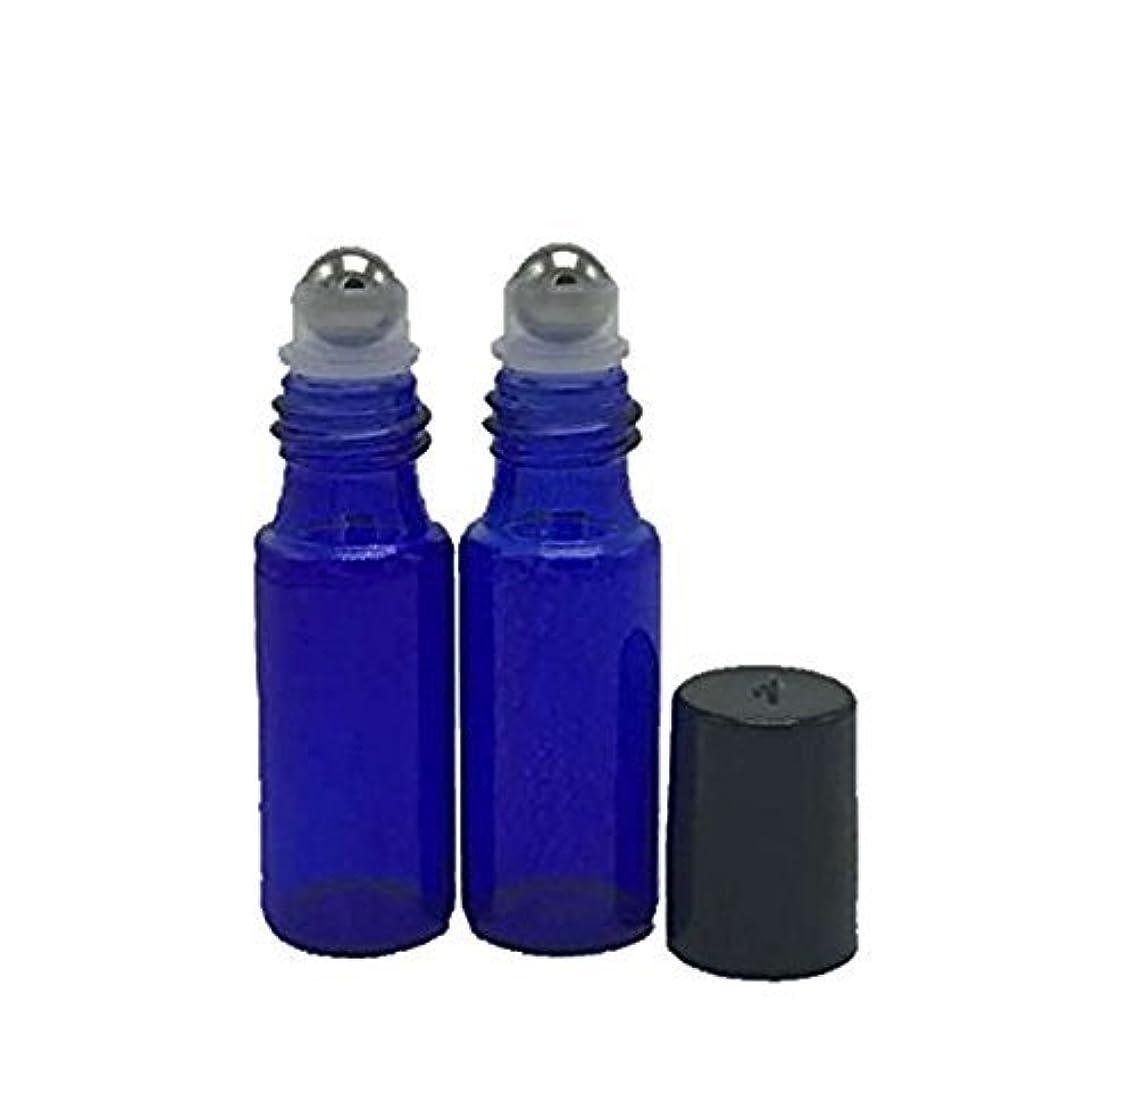 甘い華氏モジュールHaifly 12 Pcs 5 ml Empty Refillable Rollerball Glass Bottles for Essential Oil with 3 ml Dropper Blue [並行輸入品]